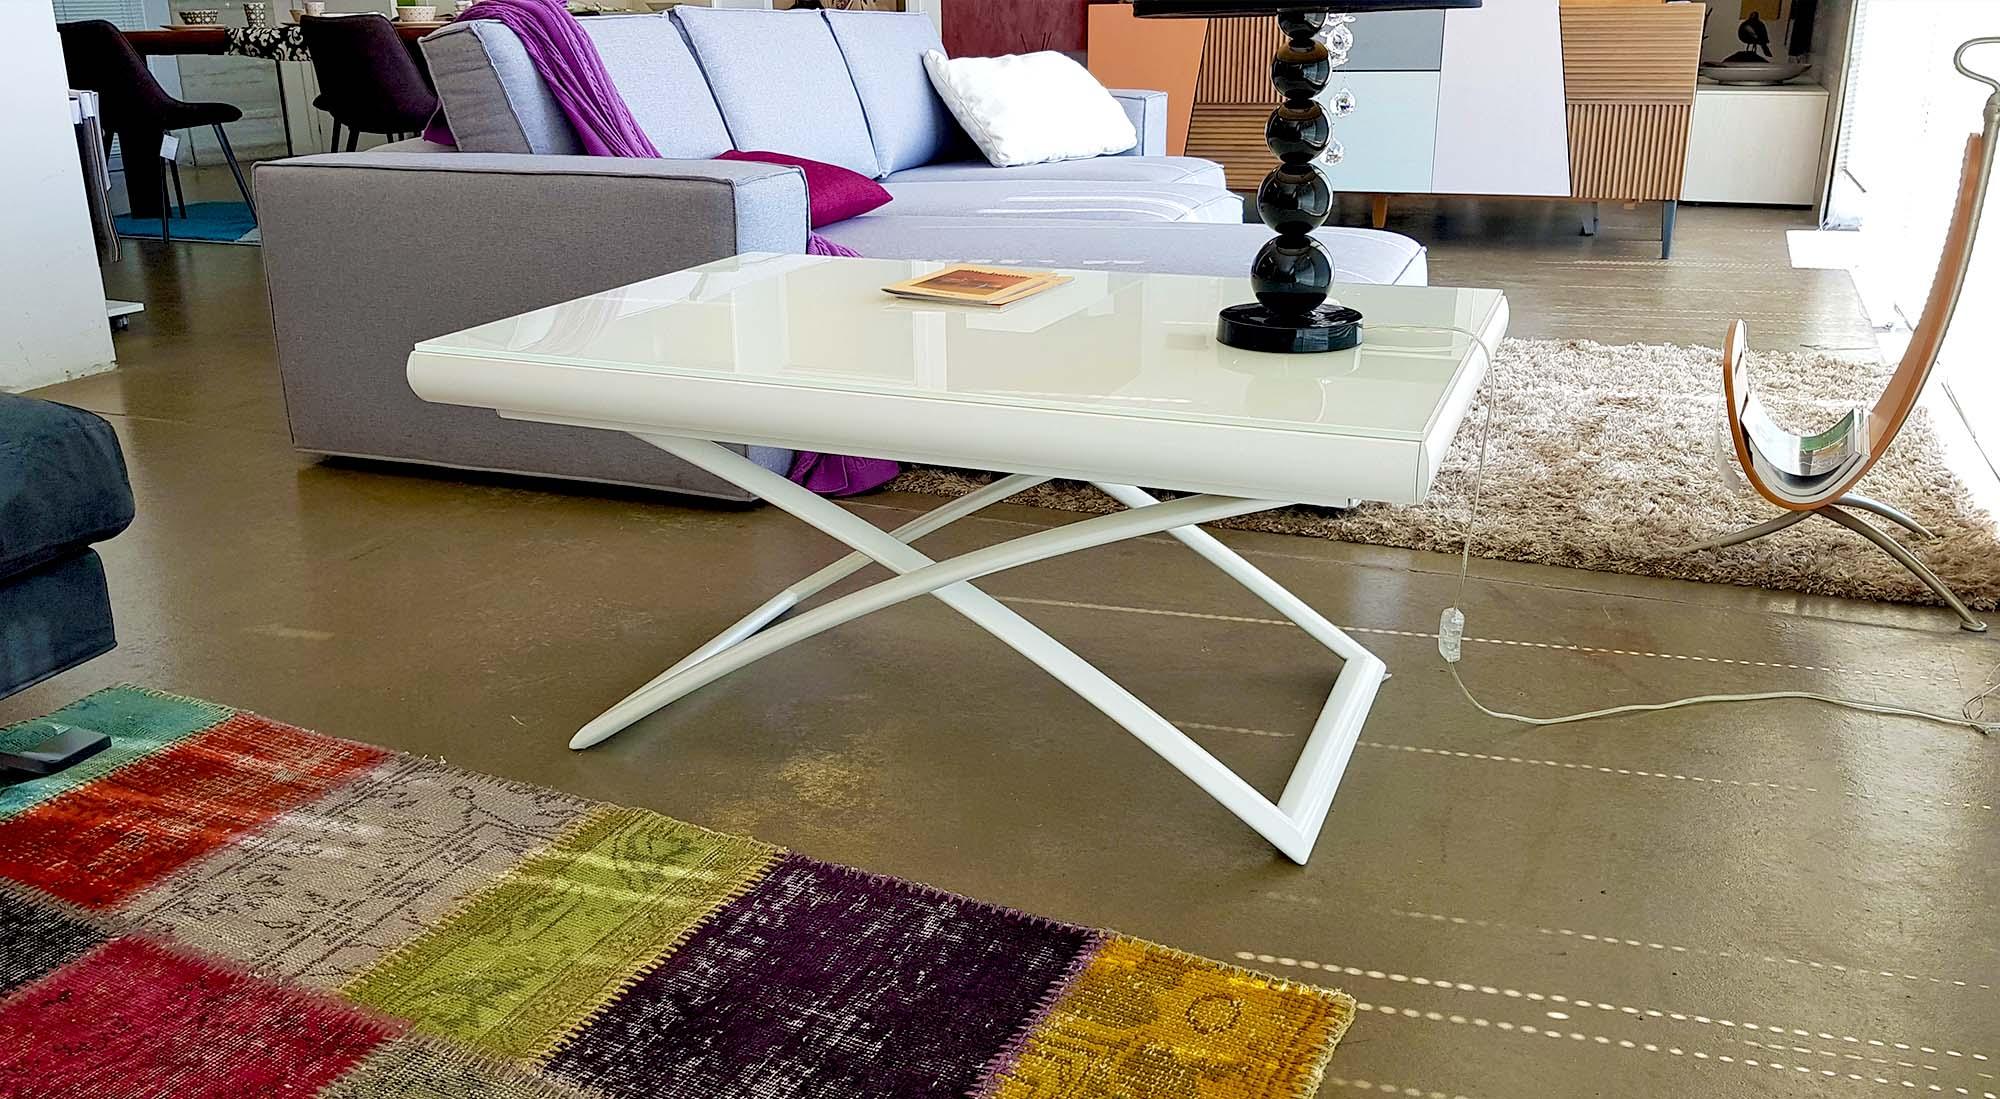 Tavolino pieghevole allungabile arredamenti meneghello for Tavolino salotto allungabile